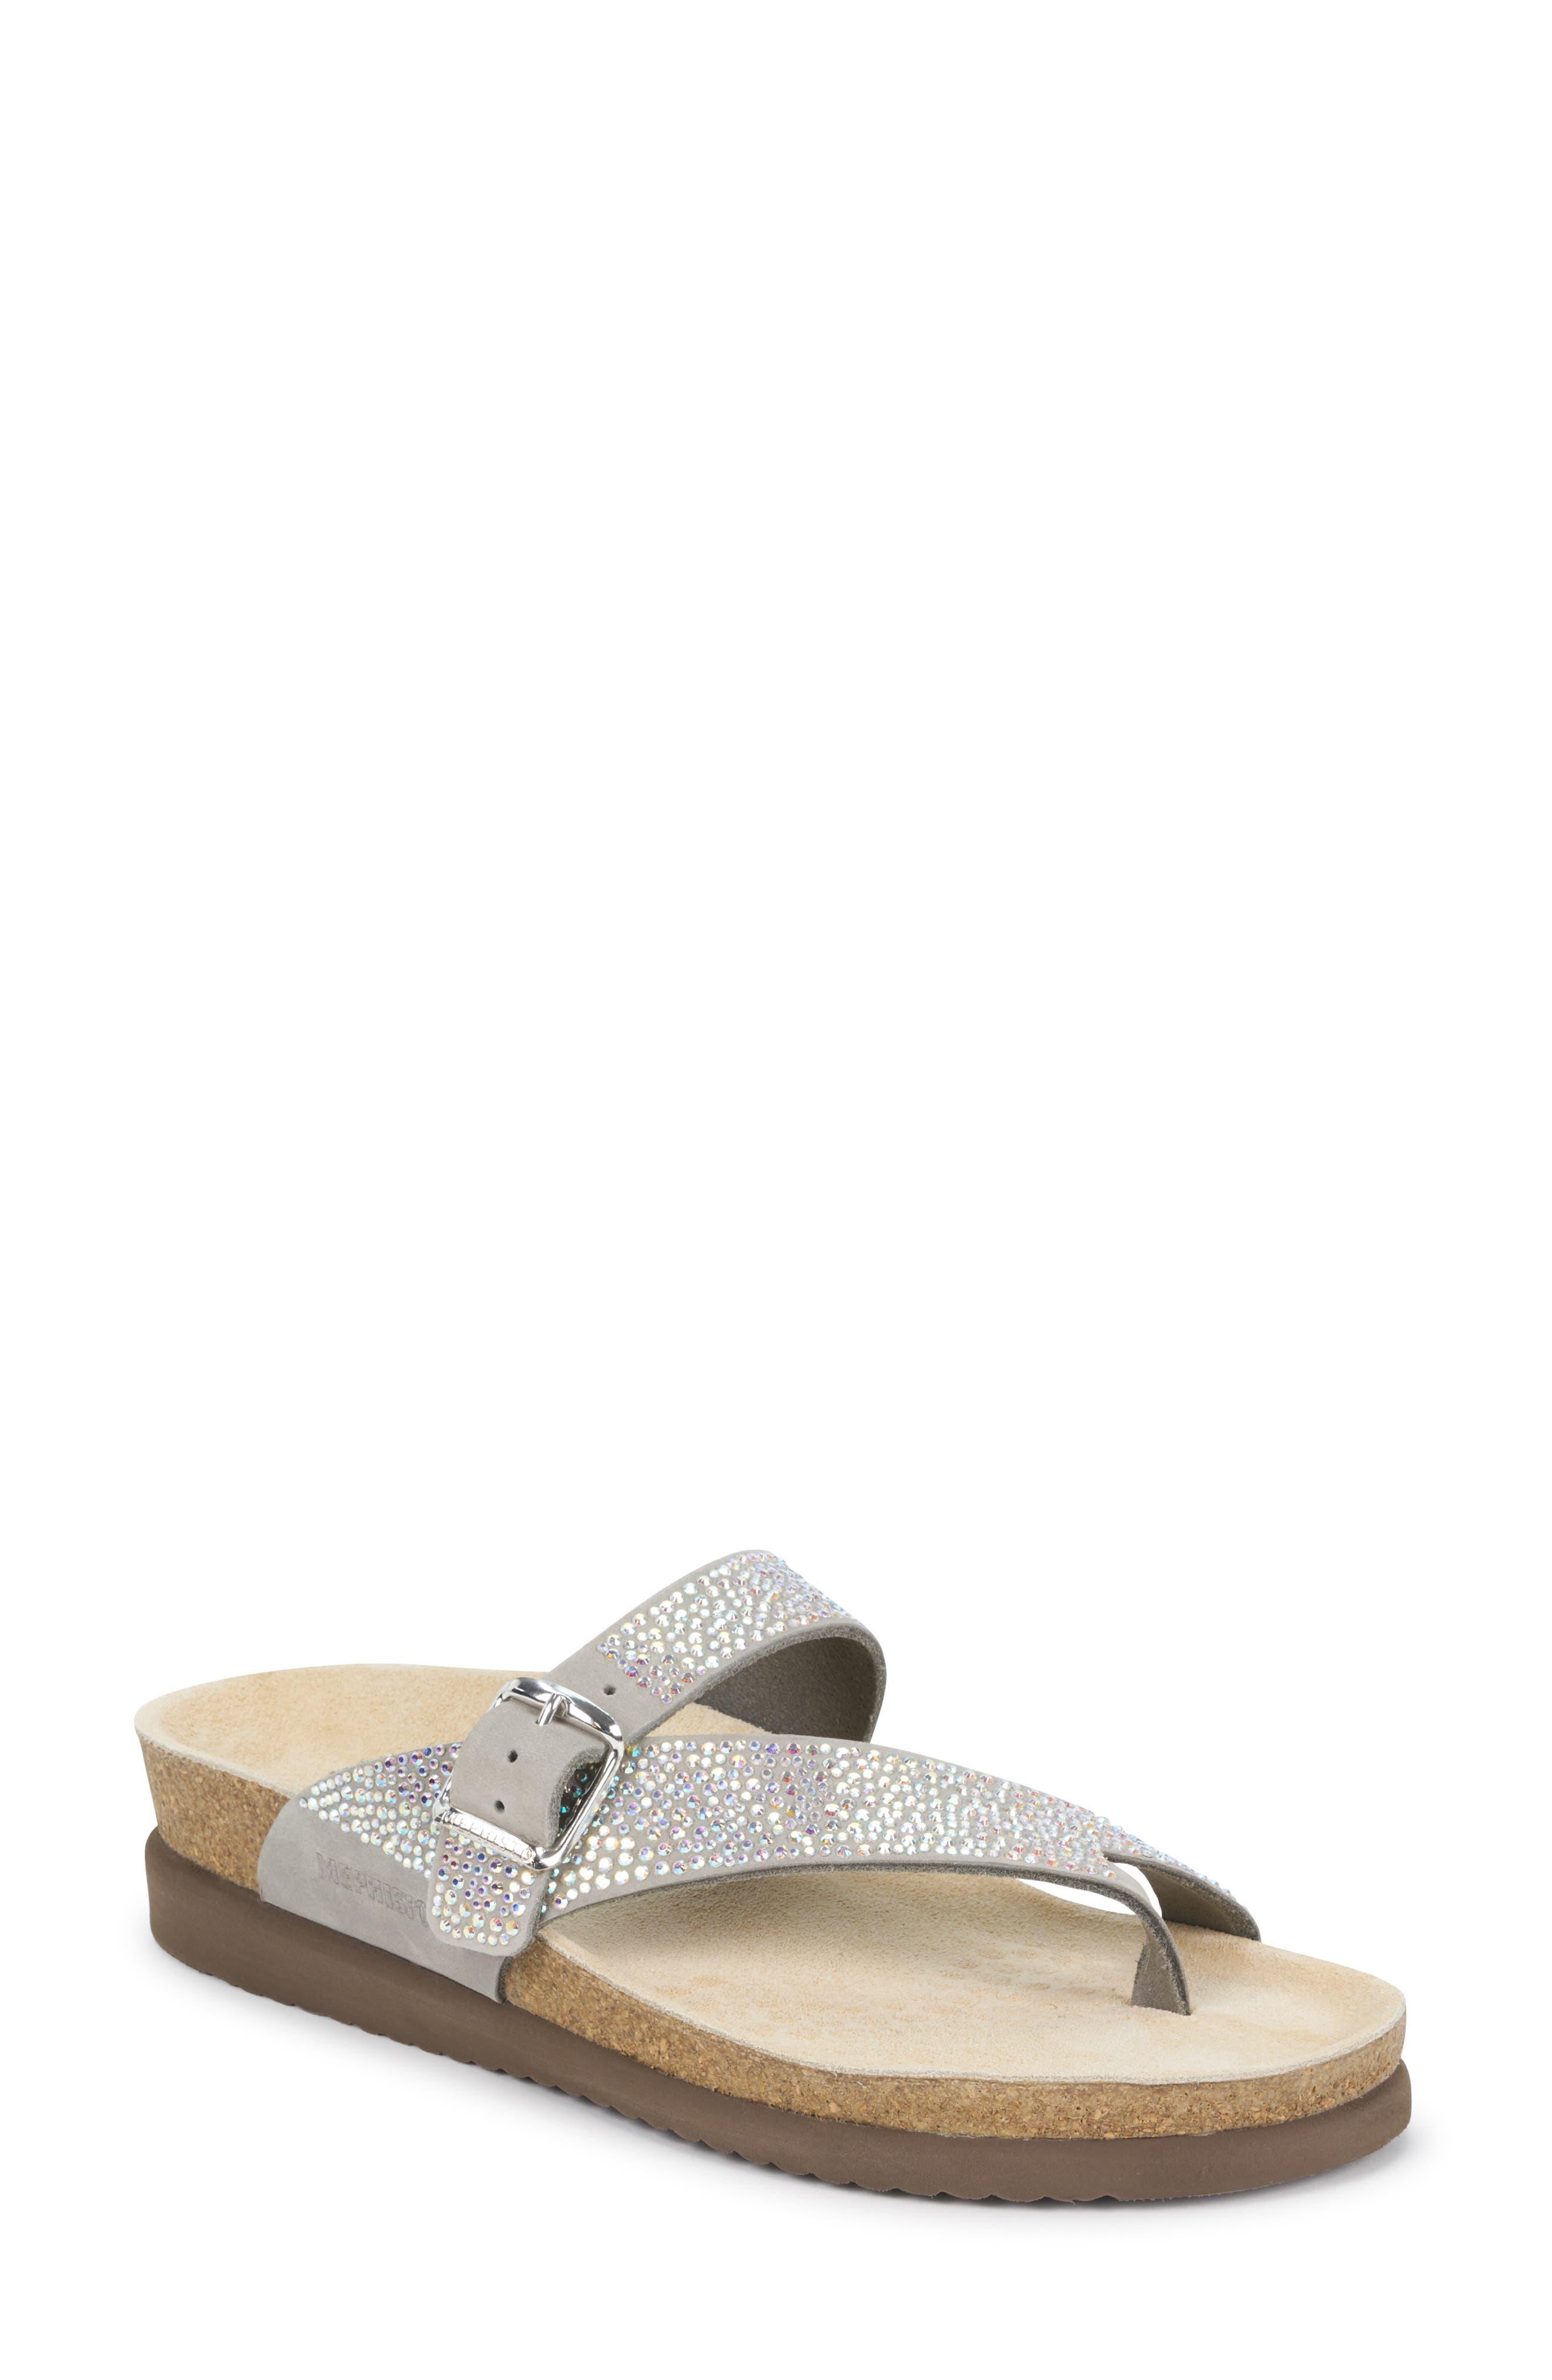 Mephisto Helen Crystal Embellished Sandal, Grey